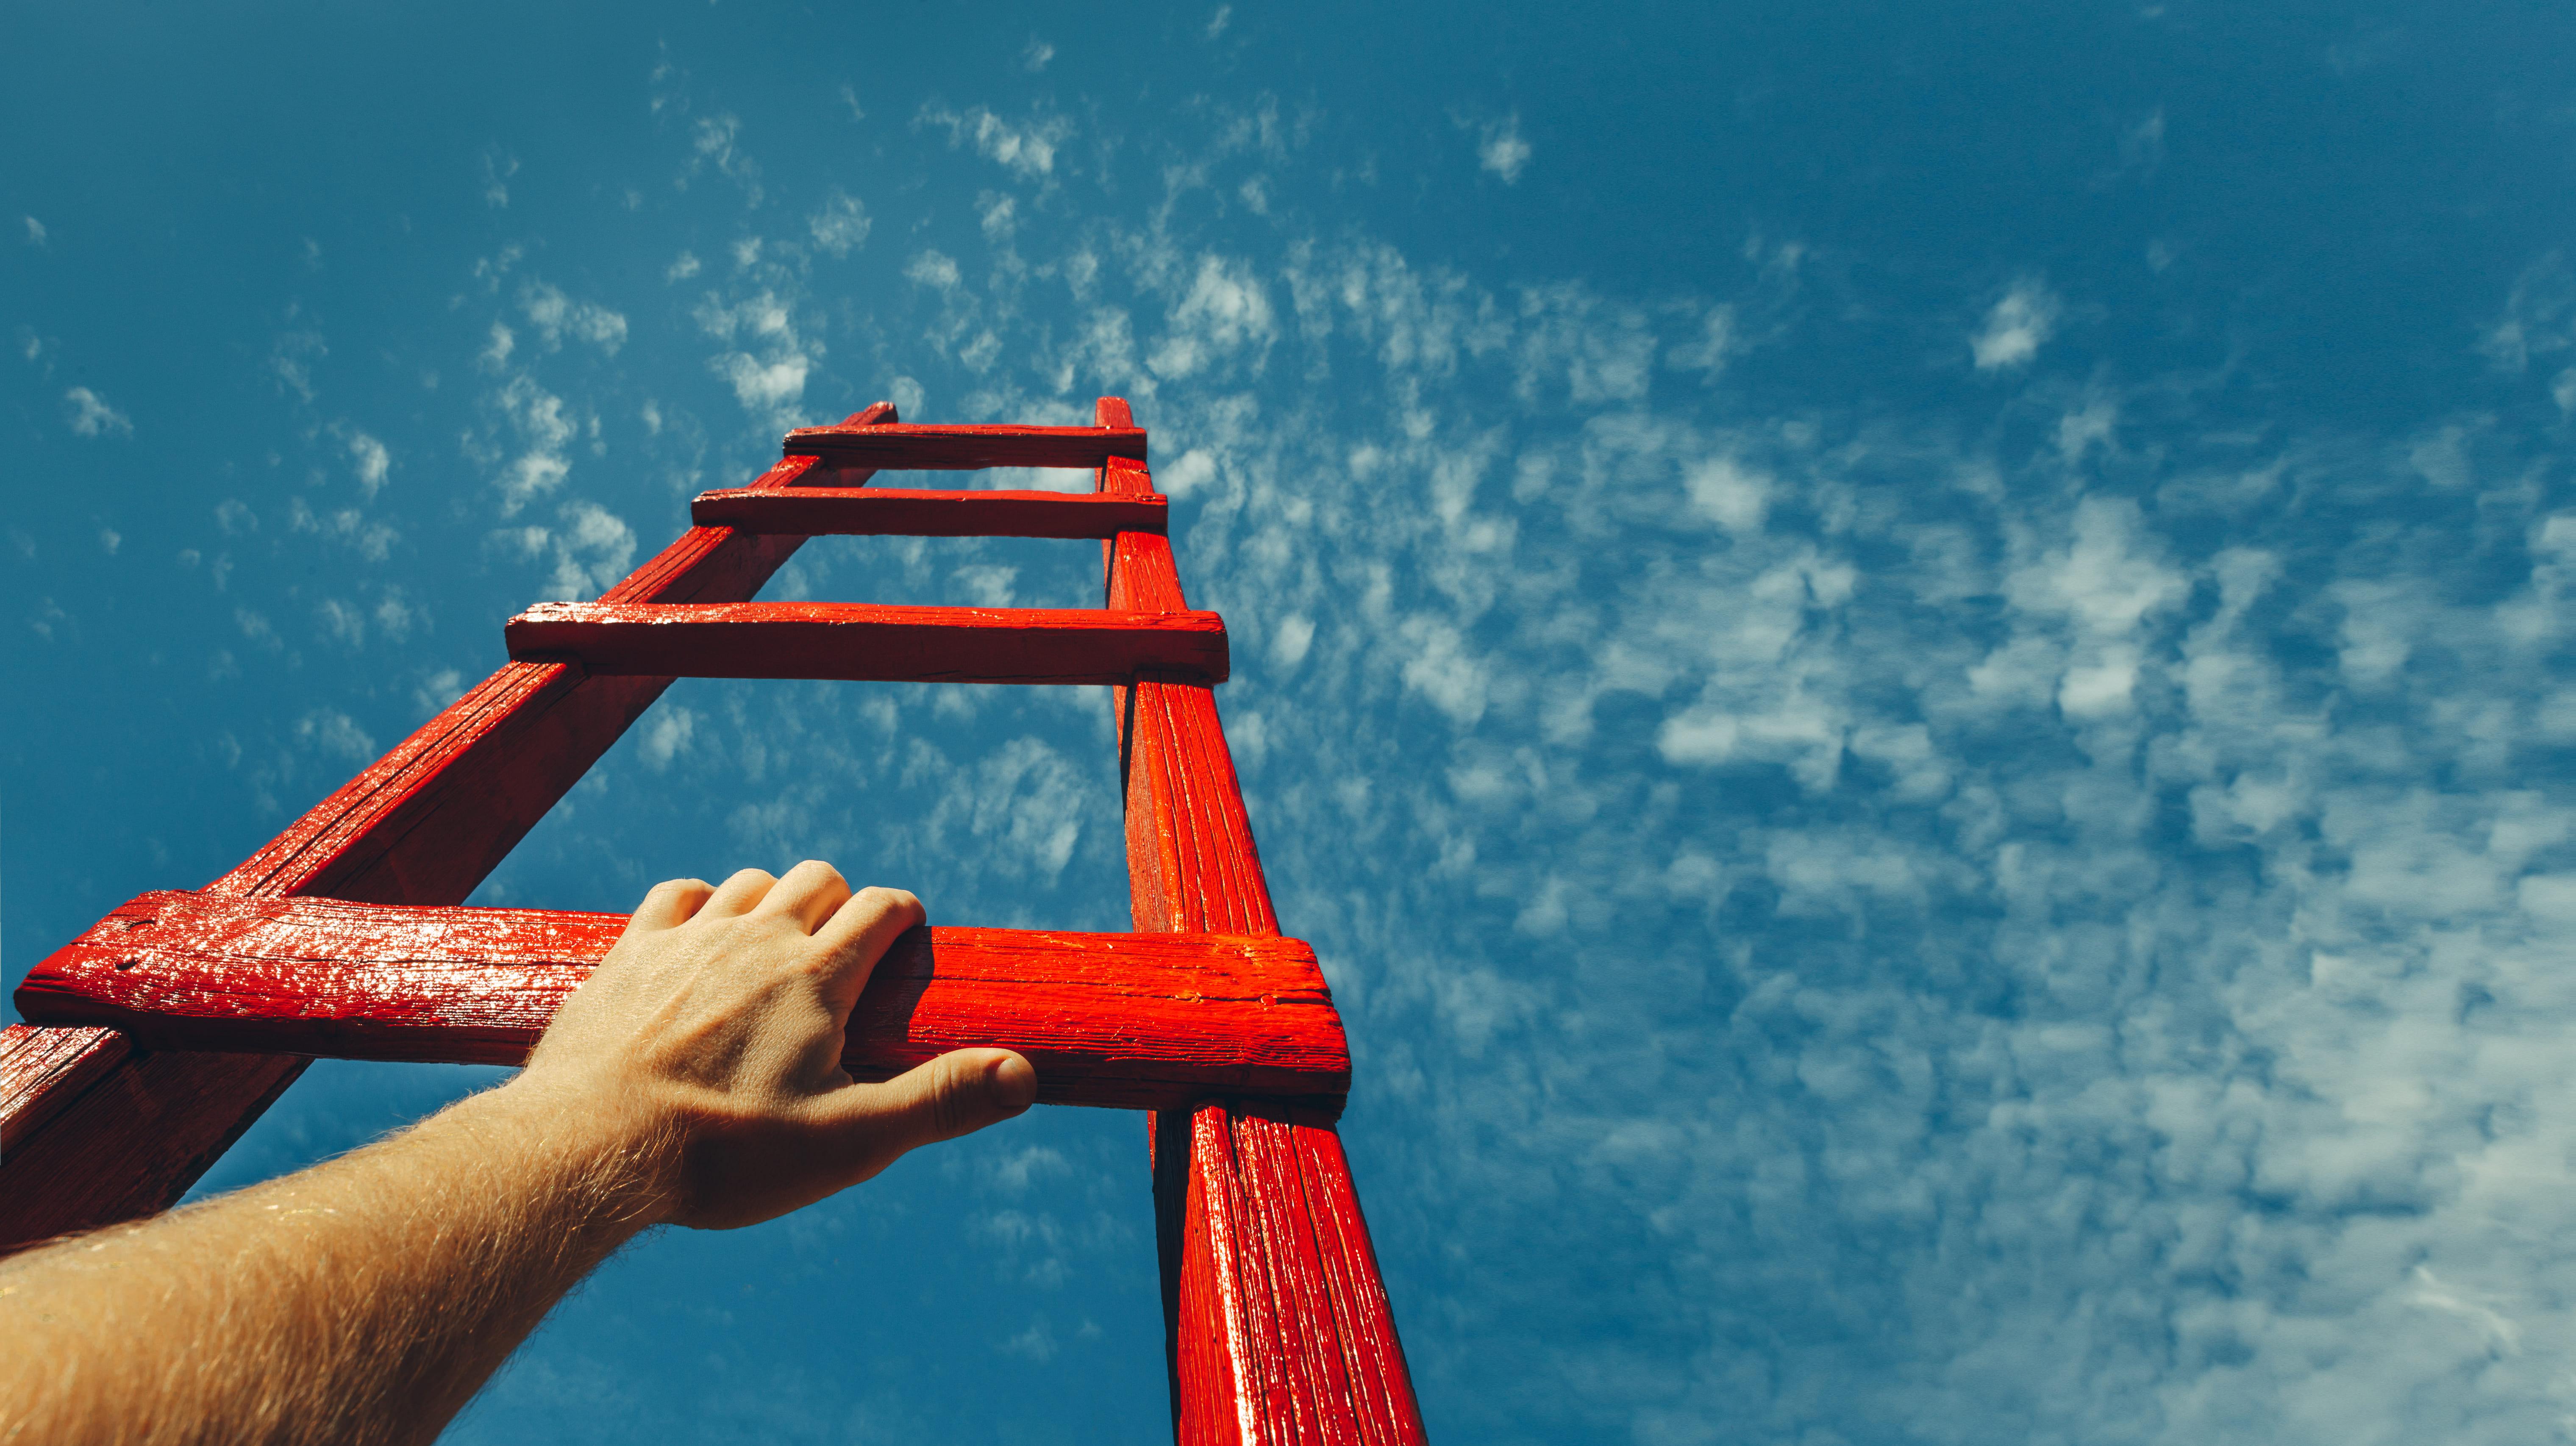 Imagem de uma escada apontando o céu para remeter ao colaborador que deseja recuperar a sua motivação e ir mais longe